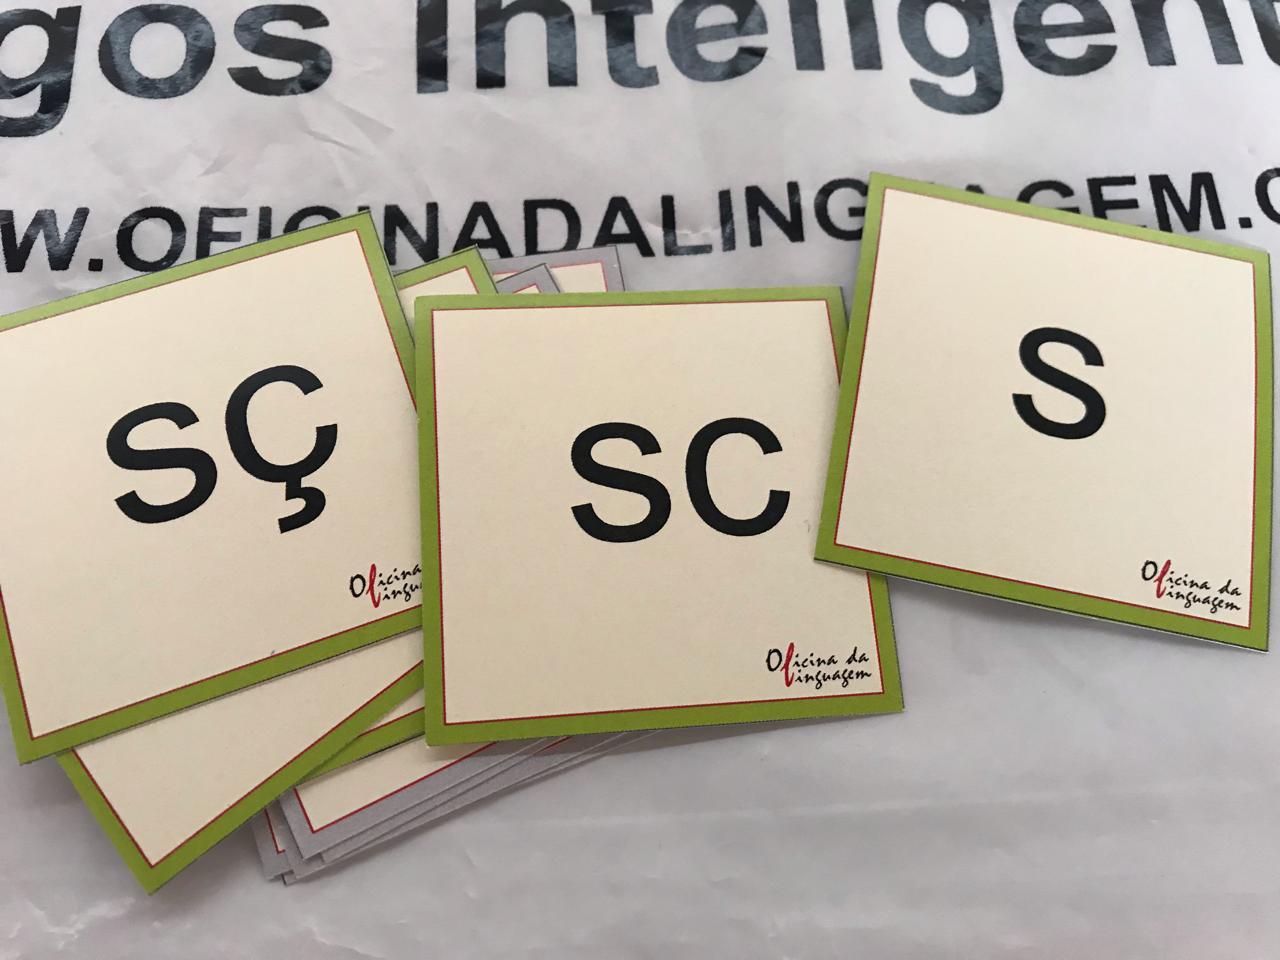 Trabalhando com ortografia: S, SS. Ç